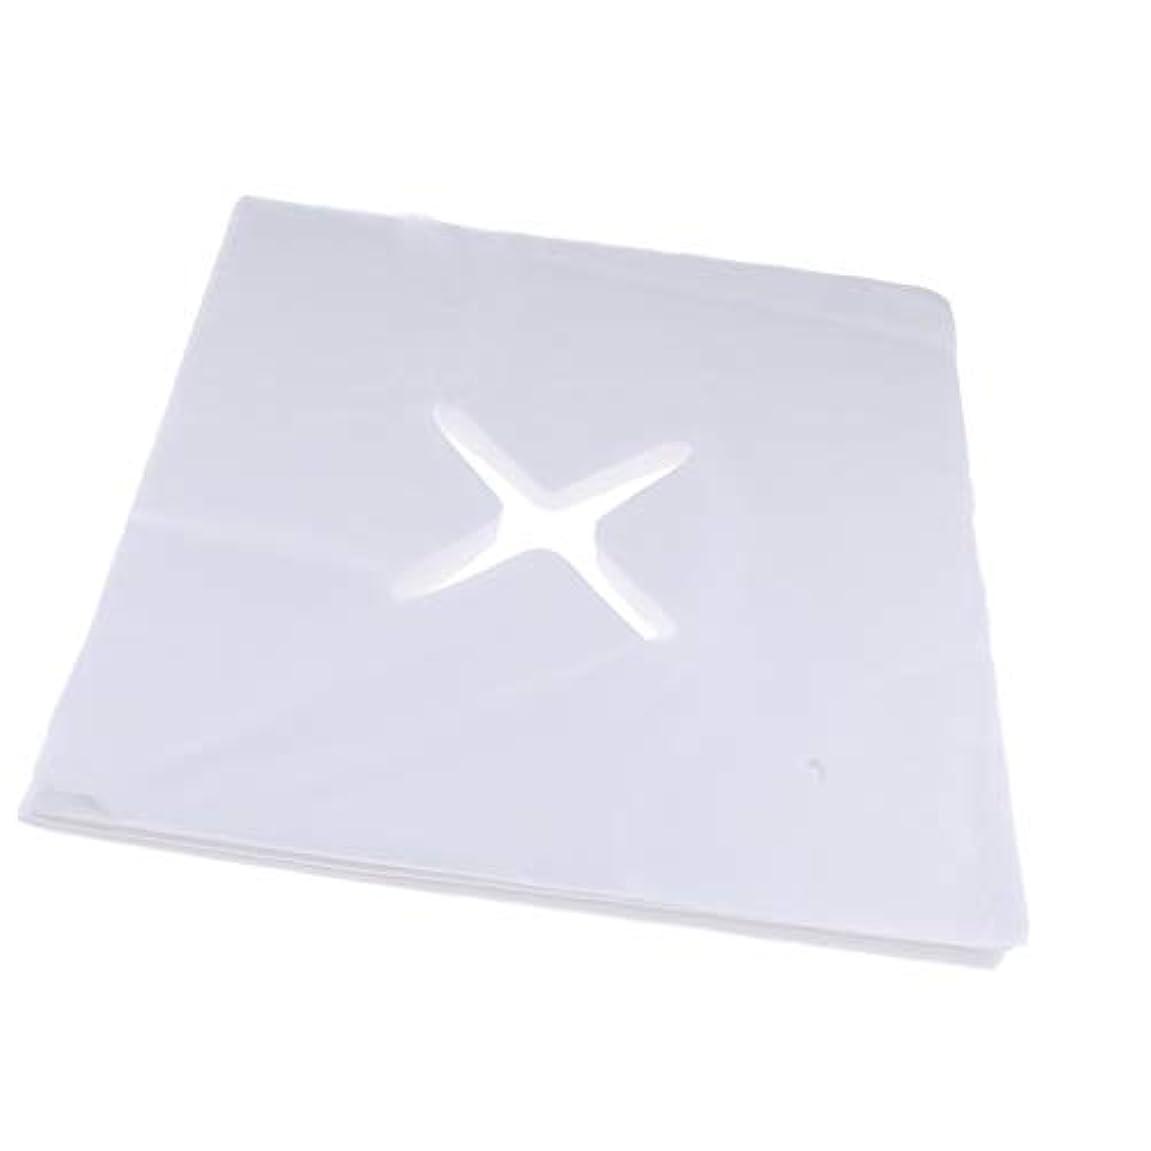 プレートハンバーガーラショナルFLAMEER 約200枚 十字カット 使い捨て ピローシート フェイスカバー 枕カバー クッション S/M - L